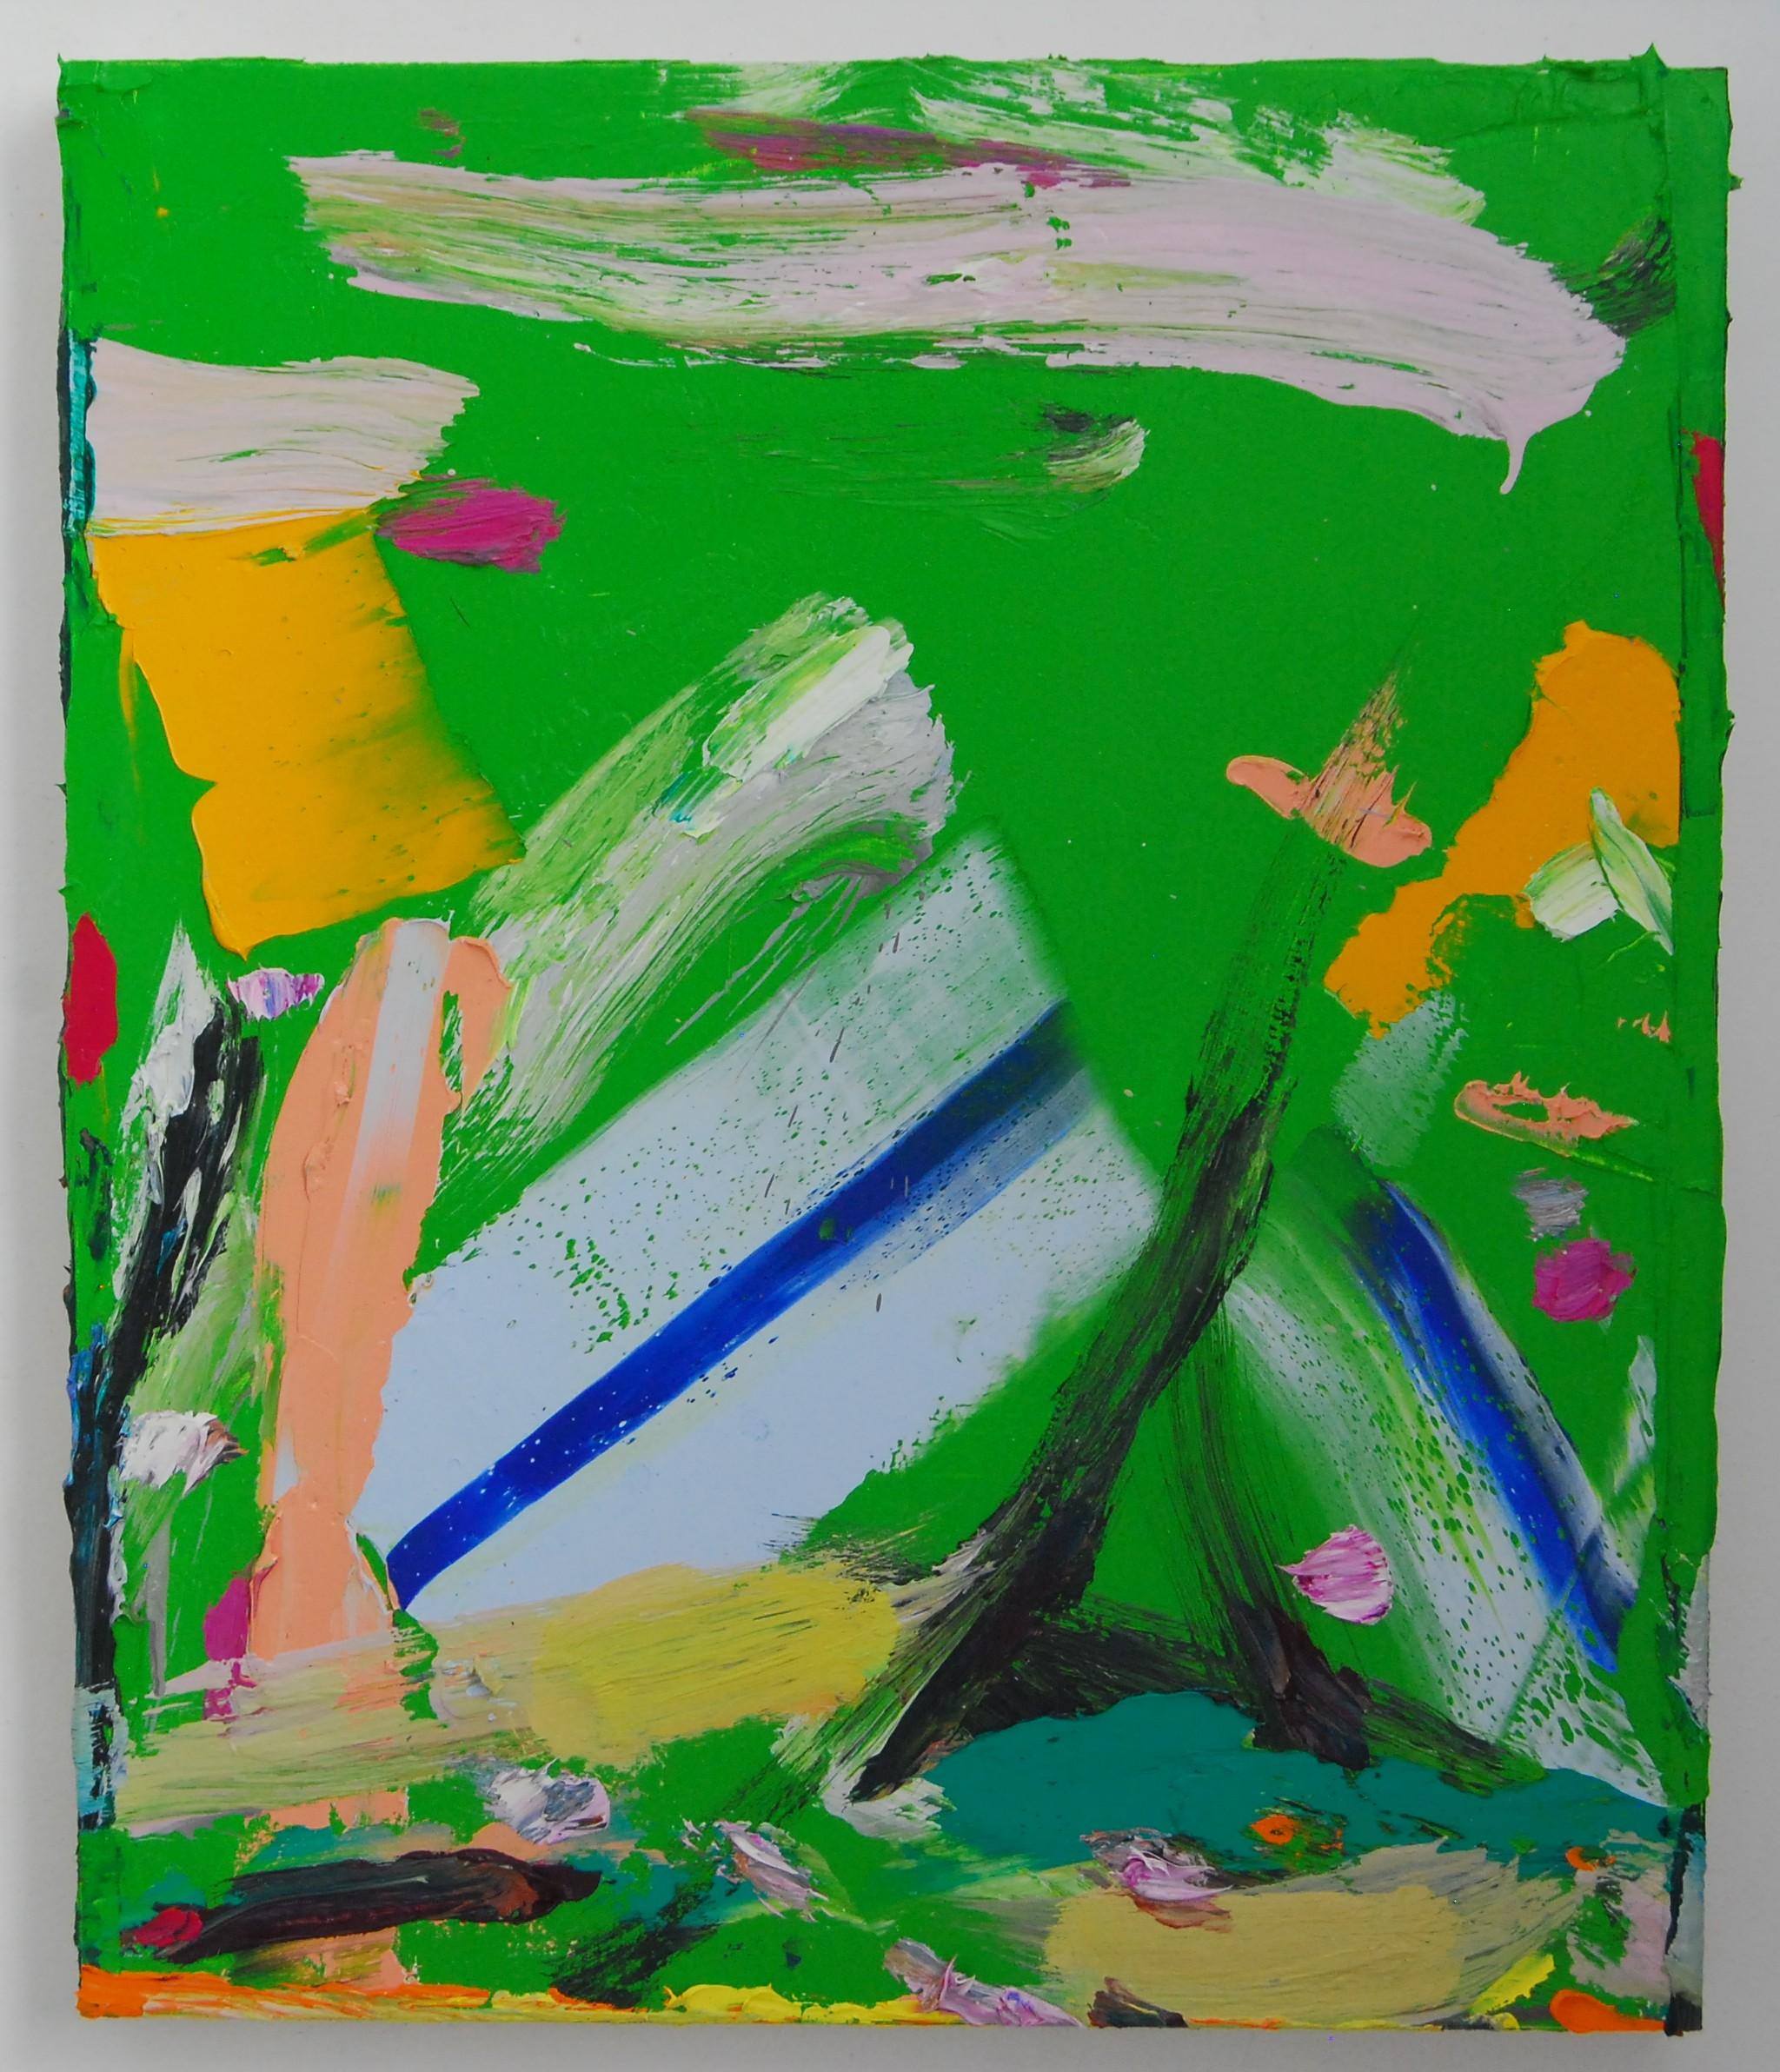 oil on panel55 x 46 x 4 cm